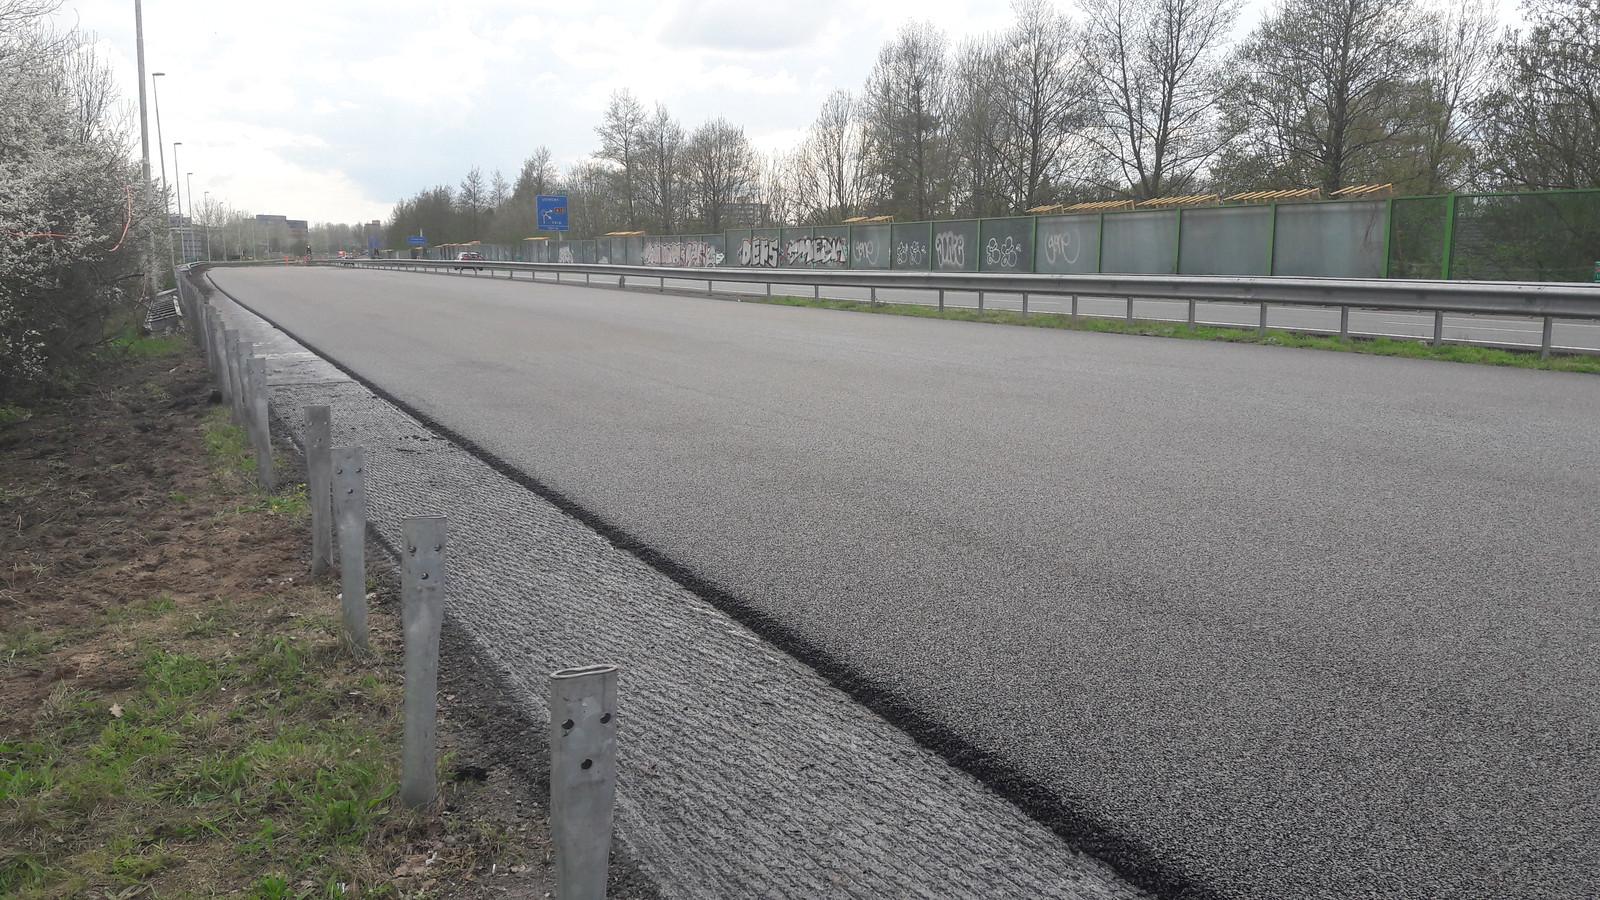 Het nieuwe wegdek van de A 348, hier zondagmiddag net na het aanbrengen, is het eerste gelabelde wegdek ter wereld. Het heeft het label CDBB.